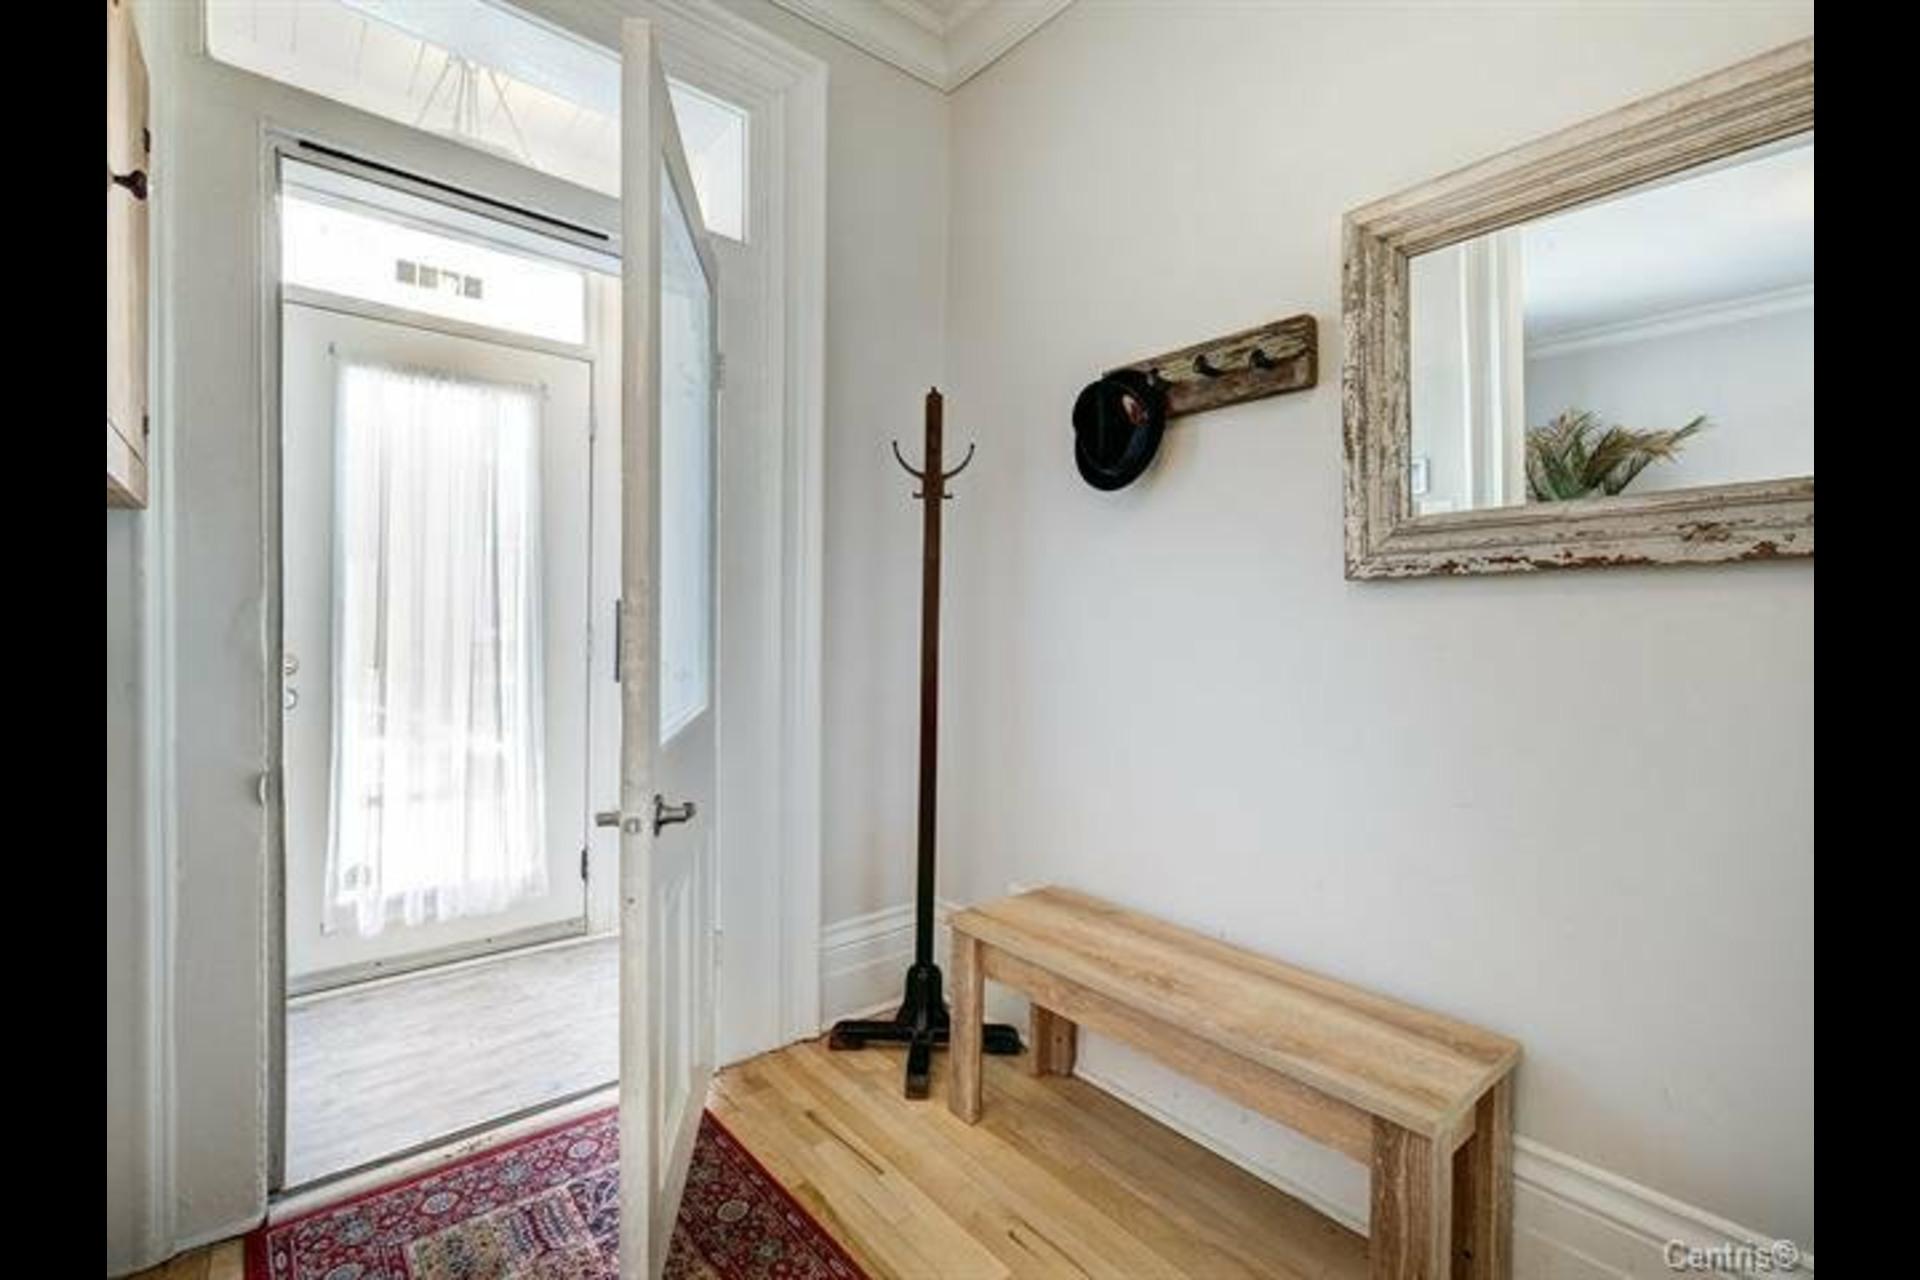 image 3 - Maison À vendre Le Plateau-Mont-Royal Montréal  - 6 pièces